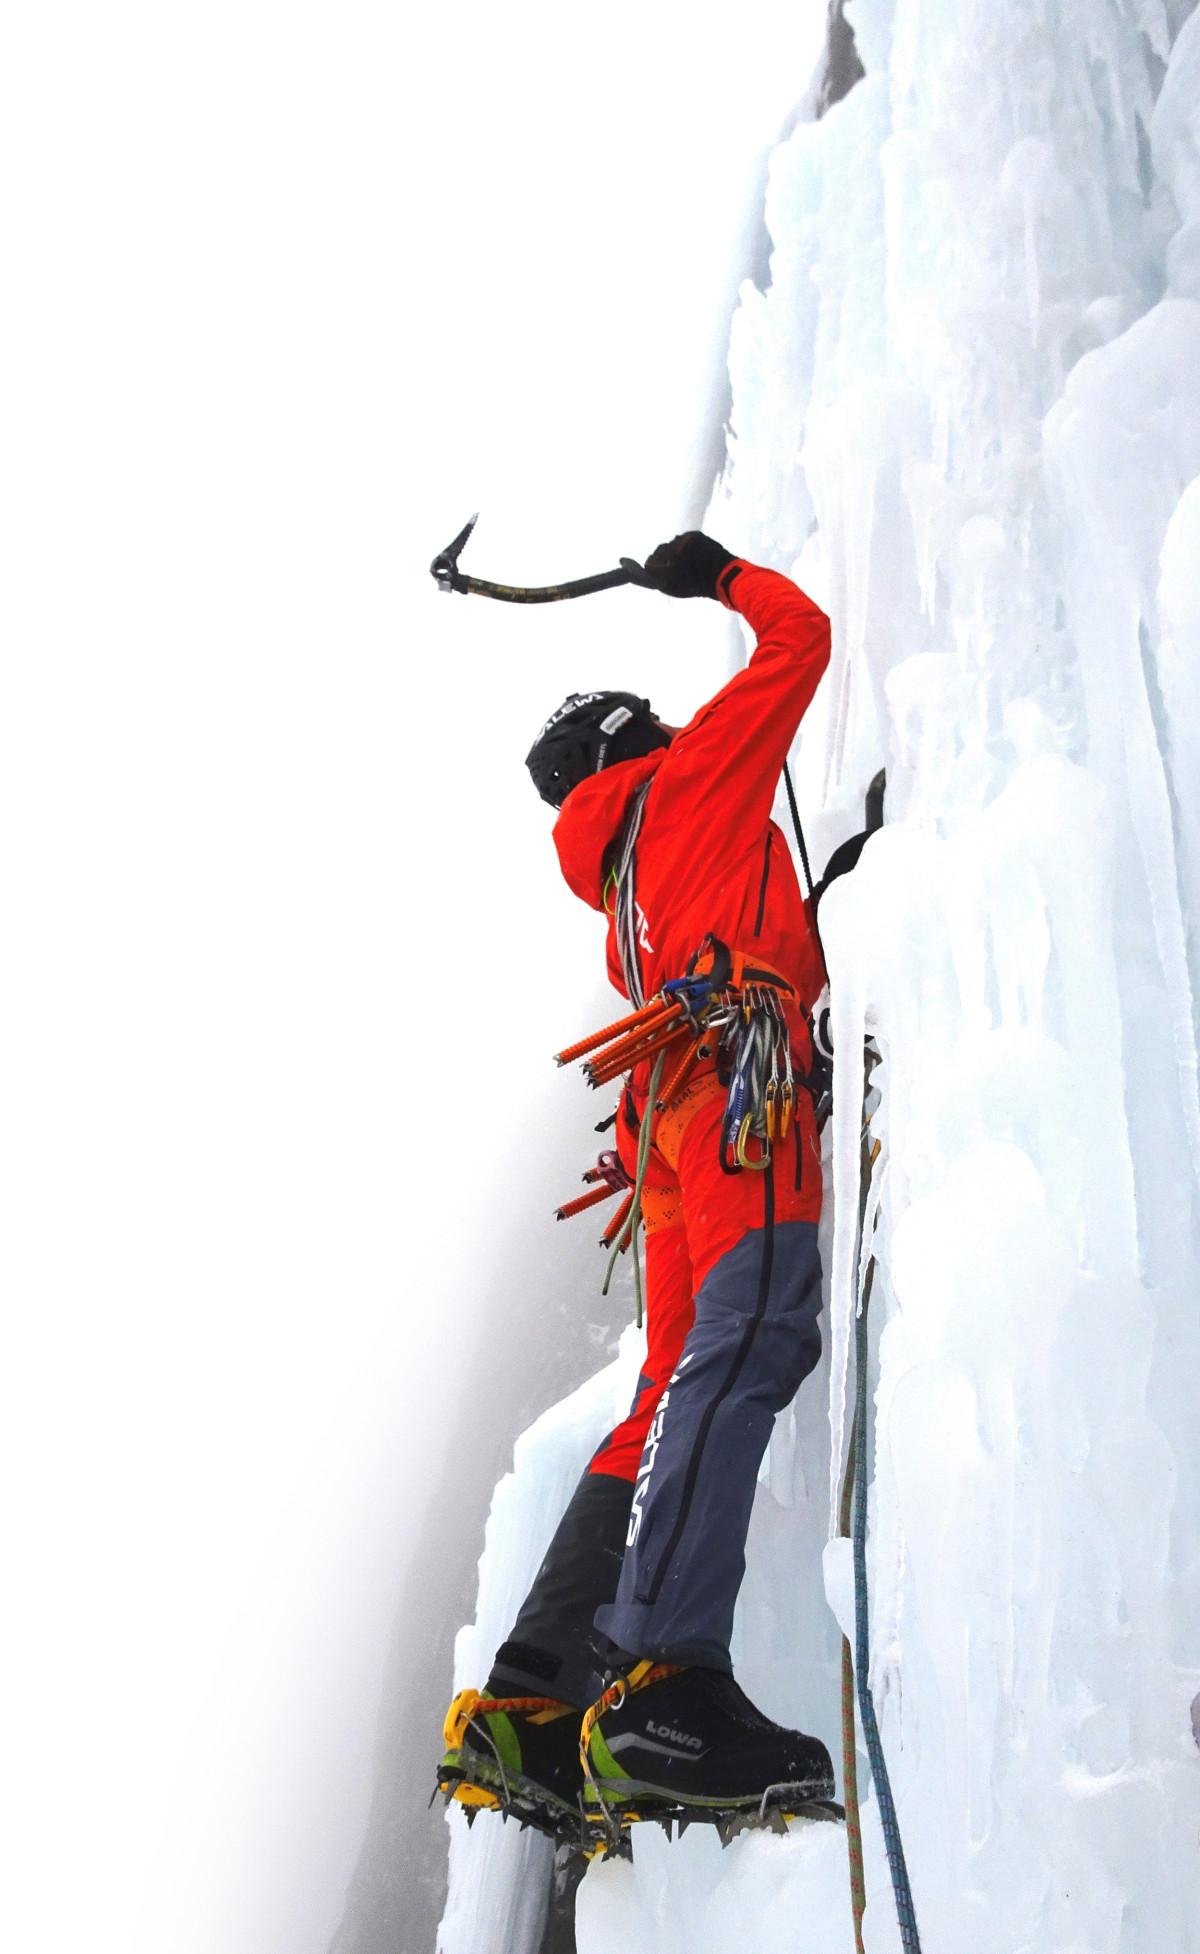 Früher war es Gang und Gäbe, dass Spaltleder bei Bergsportlern besonderen Zuspruch fand. Kein Wunder - werden diesem Material doch positive Eigenschaften nachgesagt - gerade auch in Sachen optimaler Passform. Grund genug für LOWA, den ALPINE PRO GTX LE zu entwickeln und ins Programm aufzunehmen. Bei diesem Alpinstiefel gehen altbewährte Materialien mit einem minimalistischen Design neue Wege - hier trifft Tradition auf modernste Technologie.